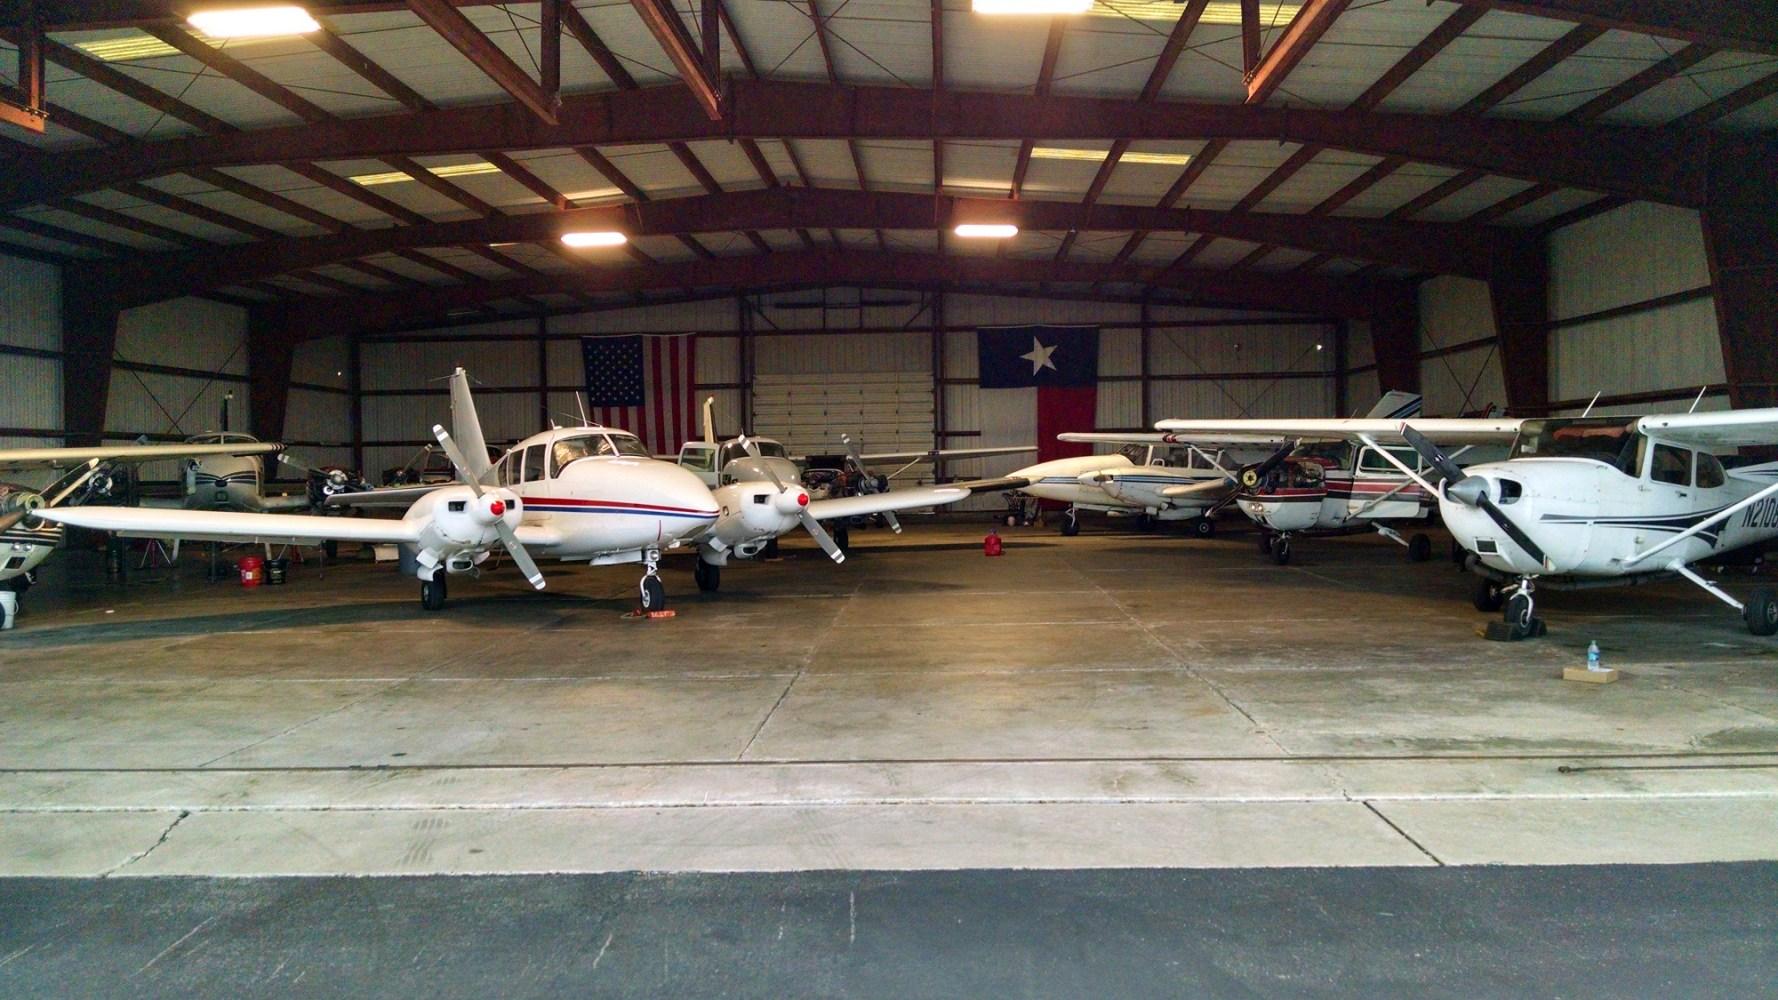 Planes in Hangar